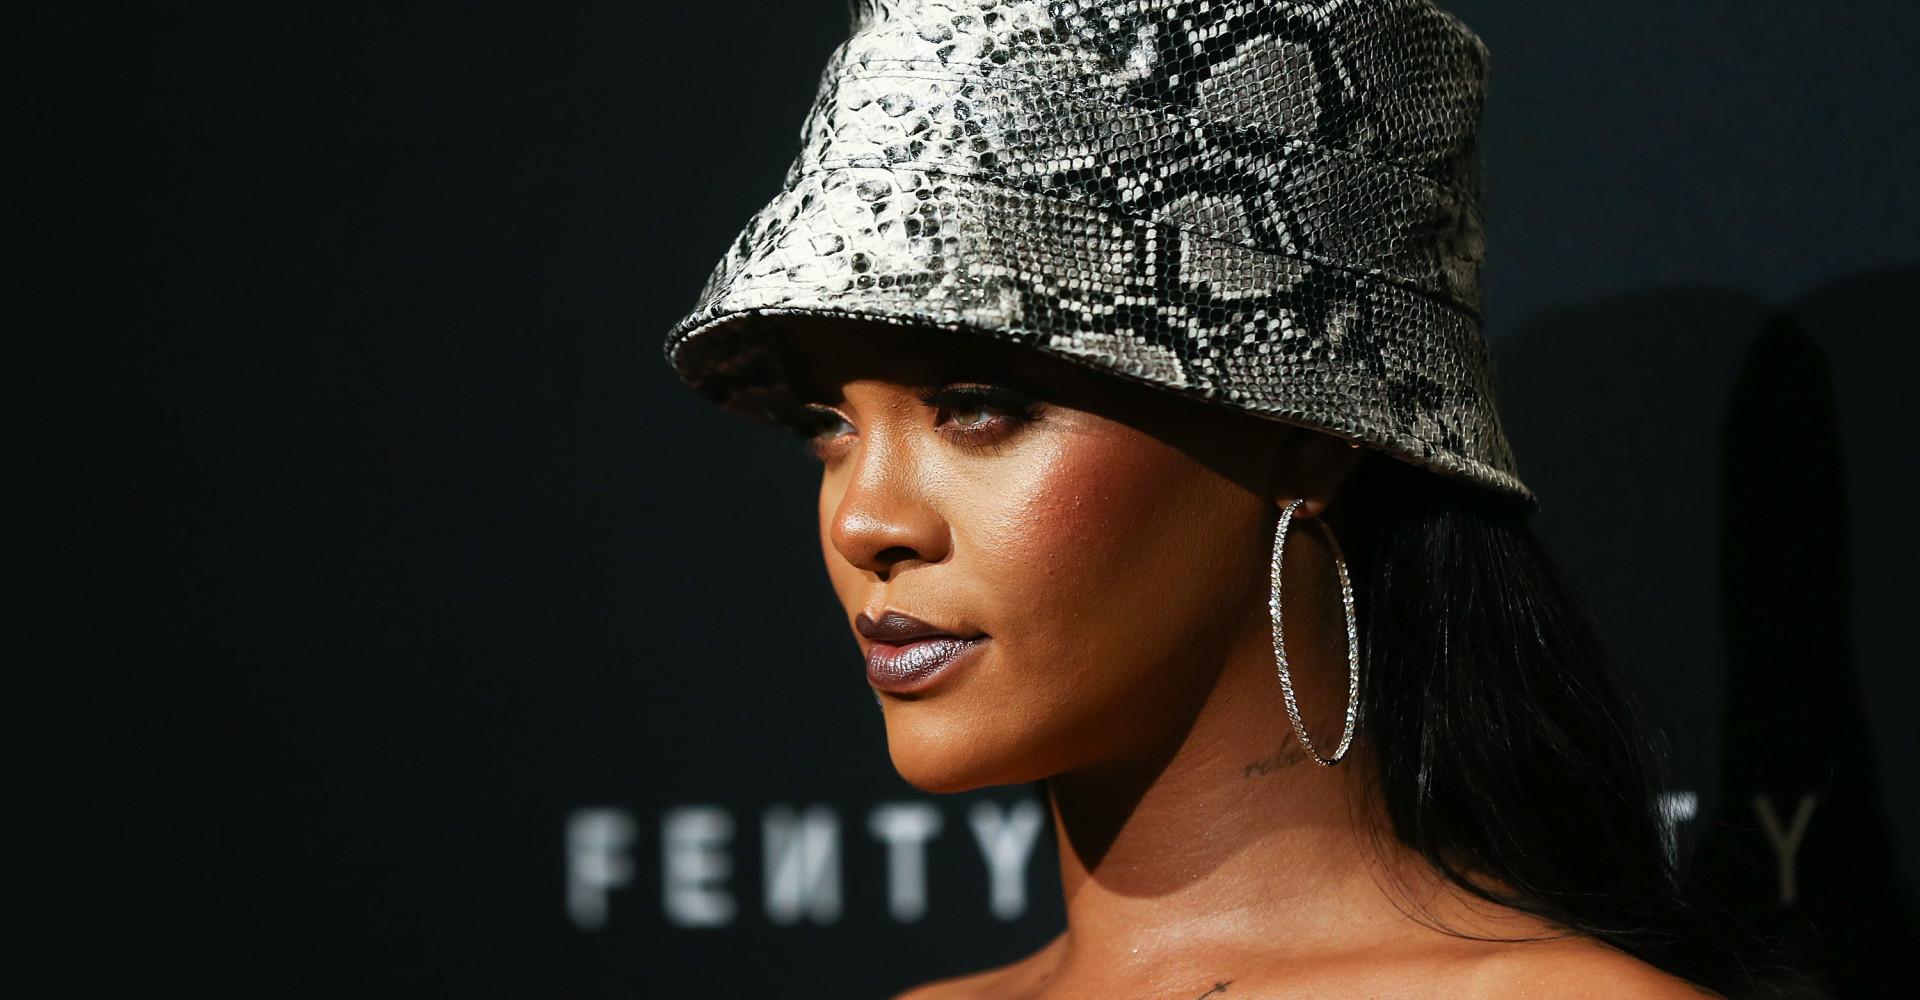 Rihanna processa próprio pai para impedi-lo de usar nome de sua marca